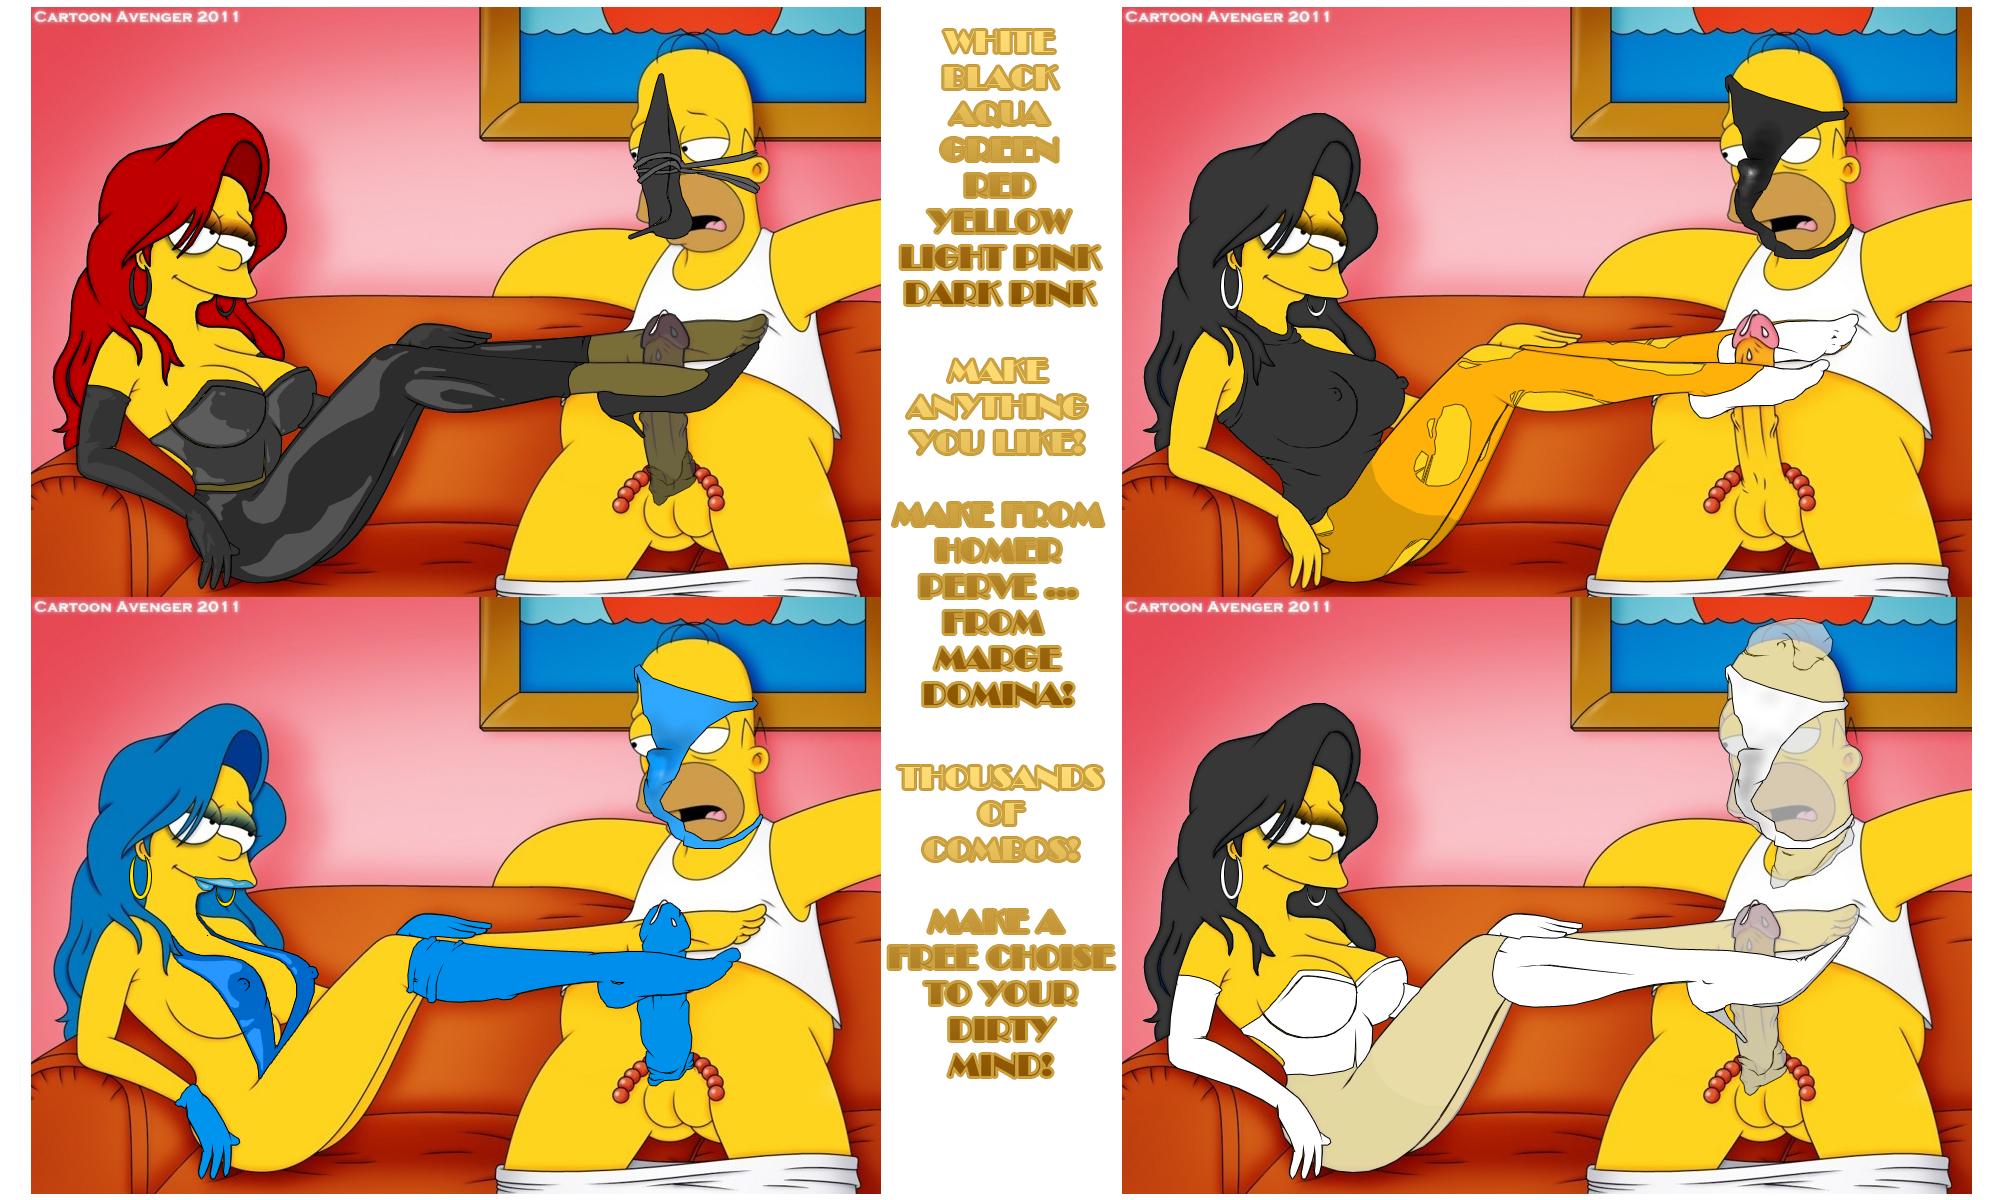 Simpson porn hentai jizz exposed video